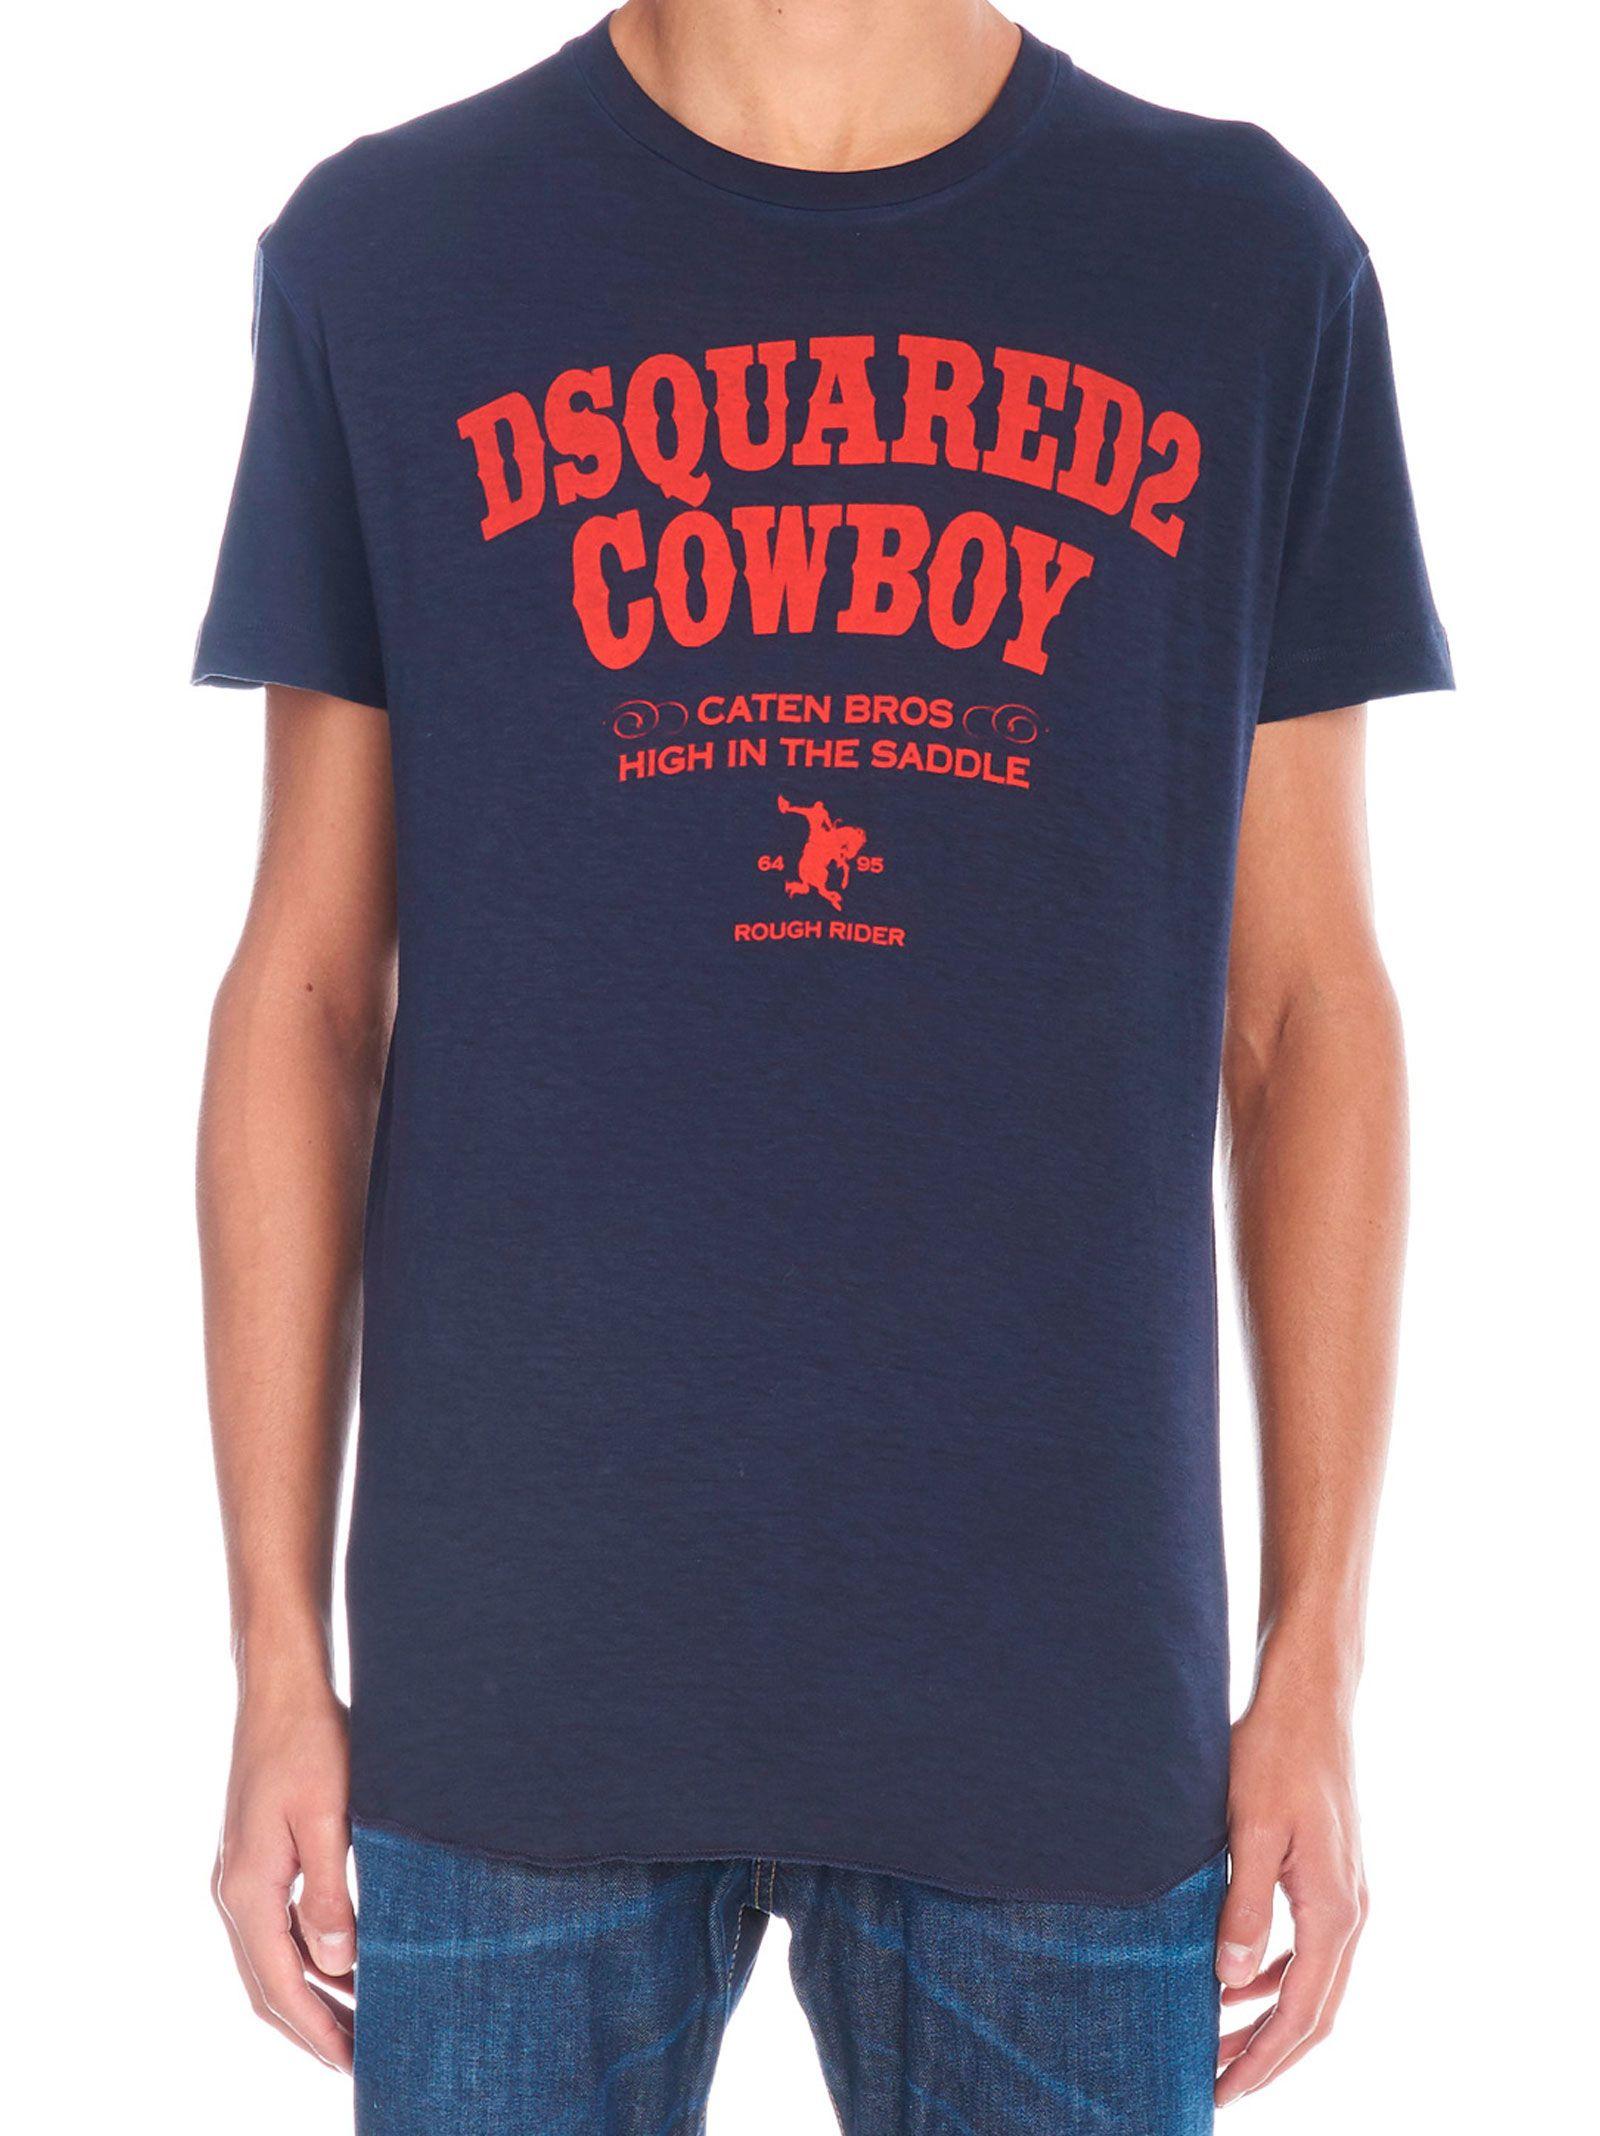 Dsquared2 'dsquared2 Cowboy' T-shirt